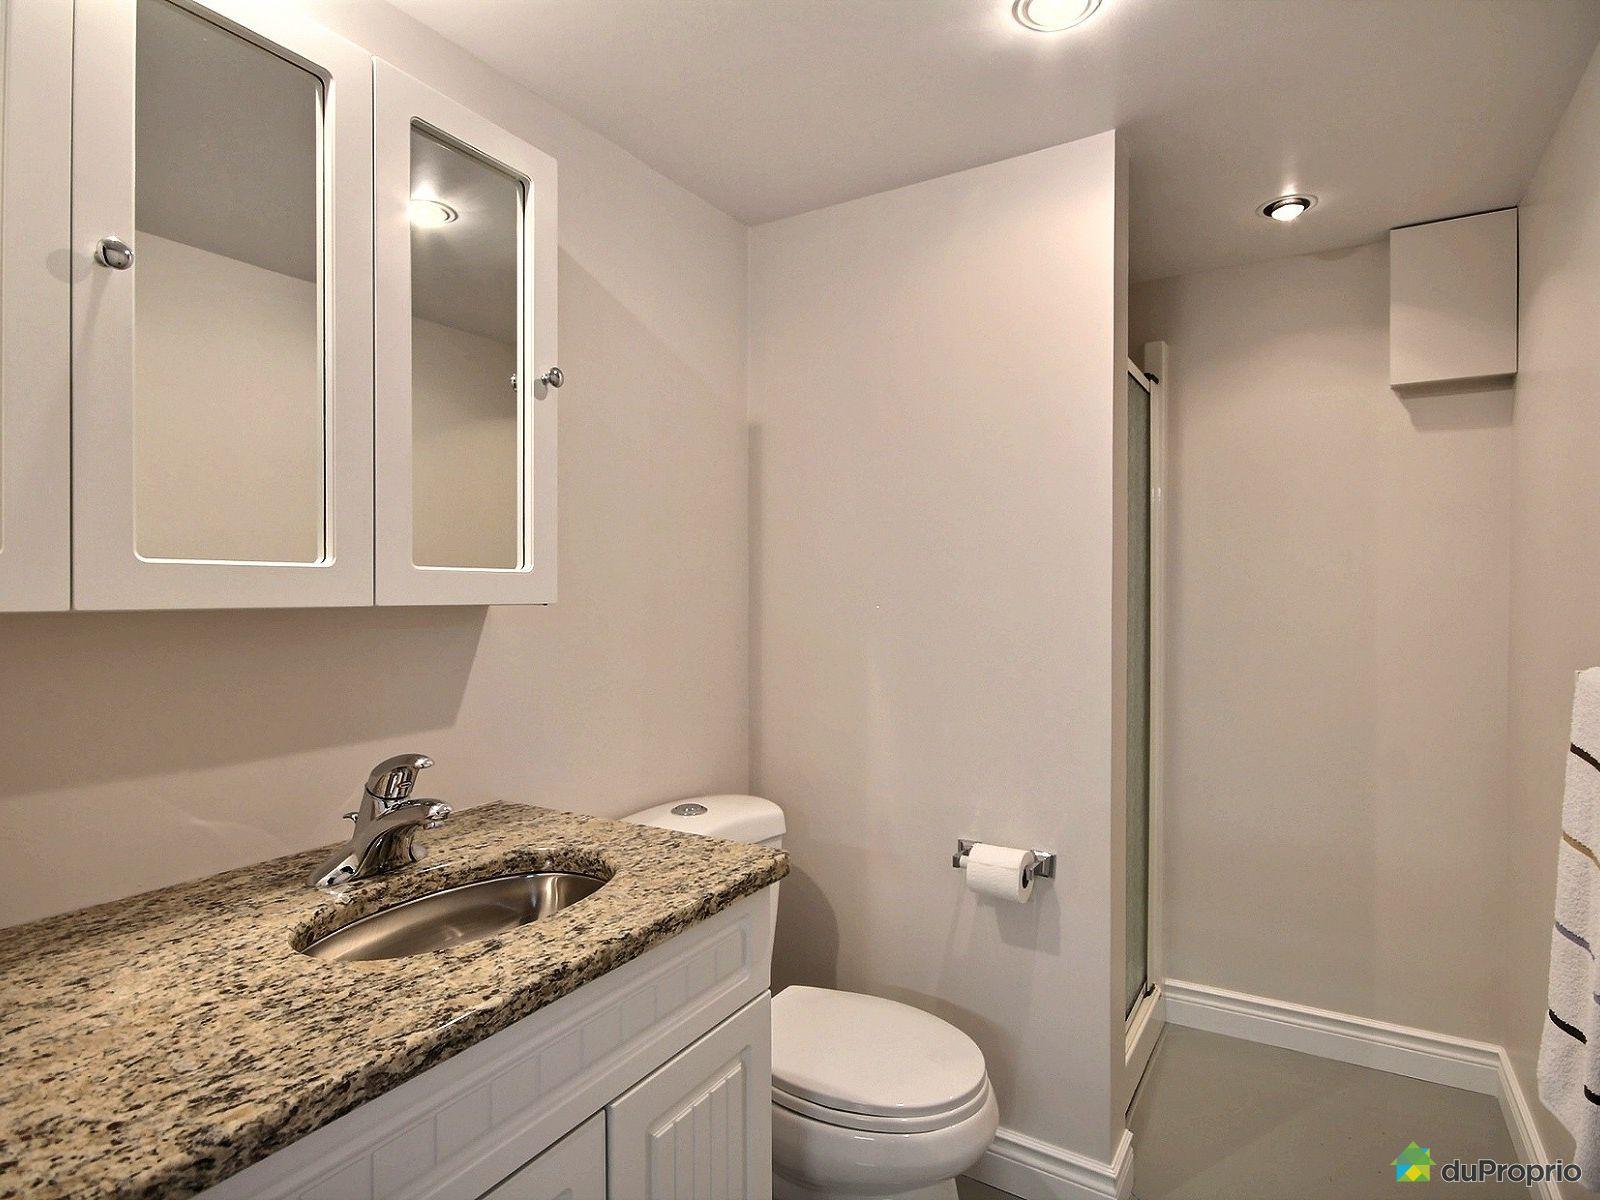 Maison vendre st sebastien de frontenac 491 rue for Salle de bain sous sol sans fenetre